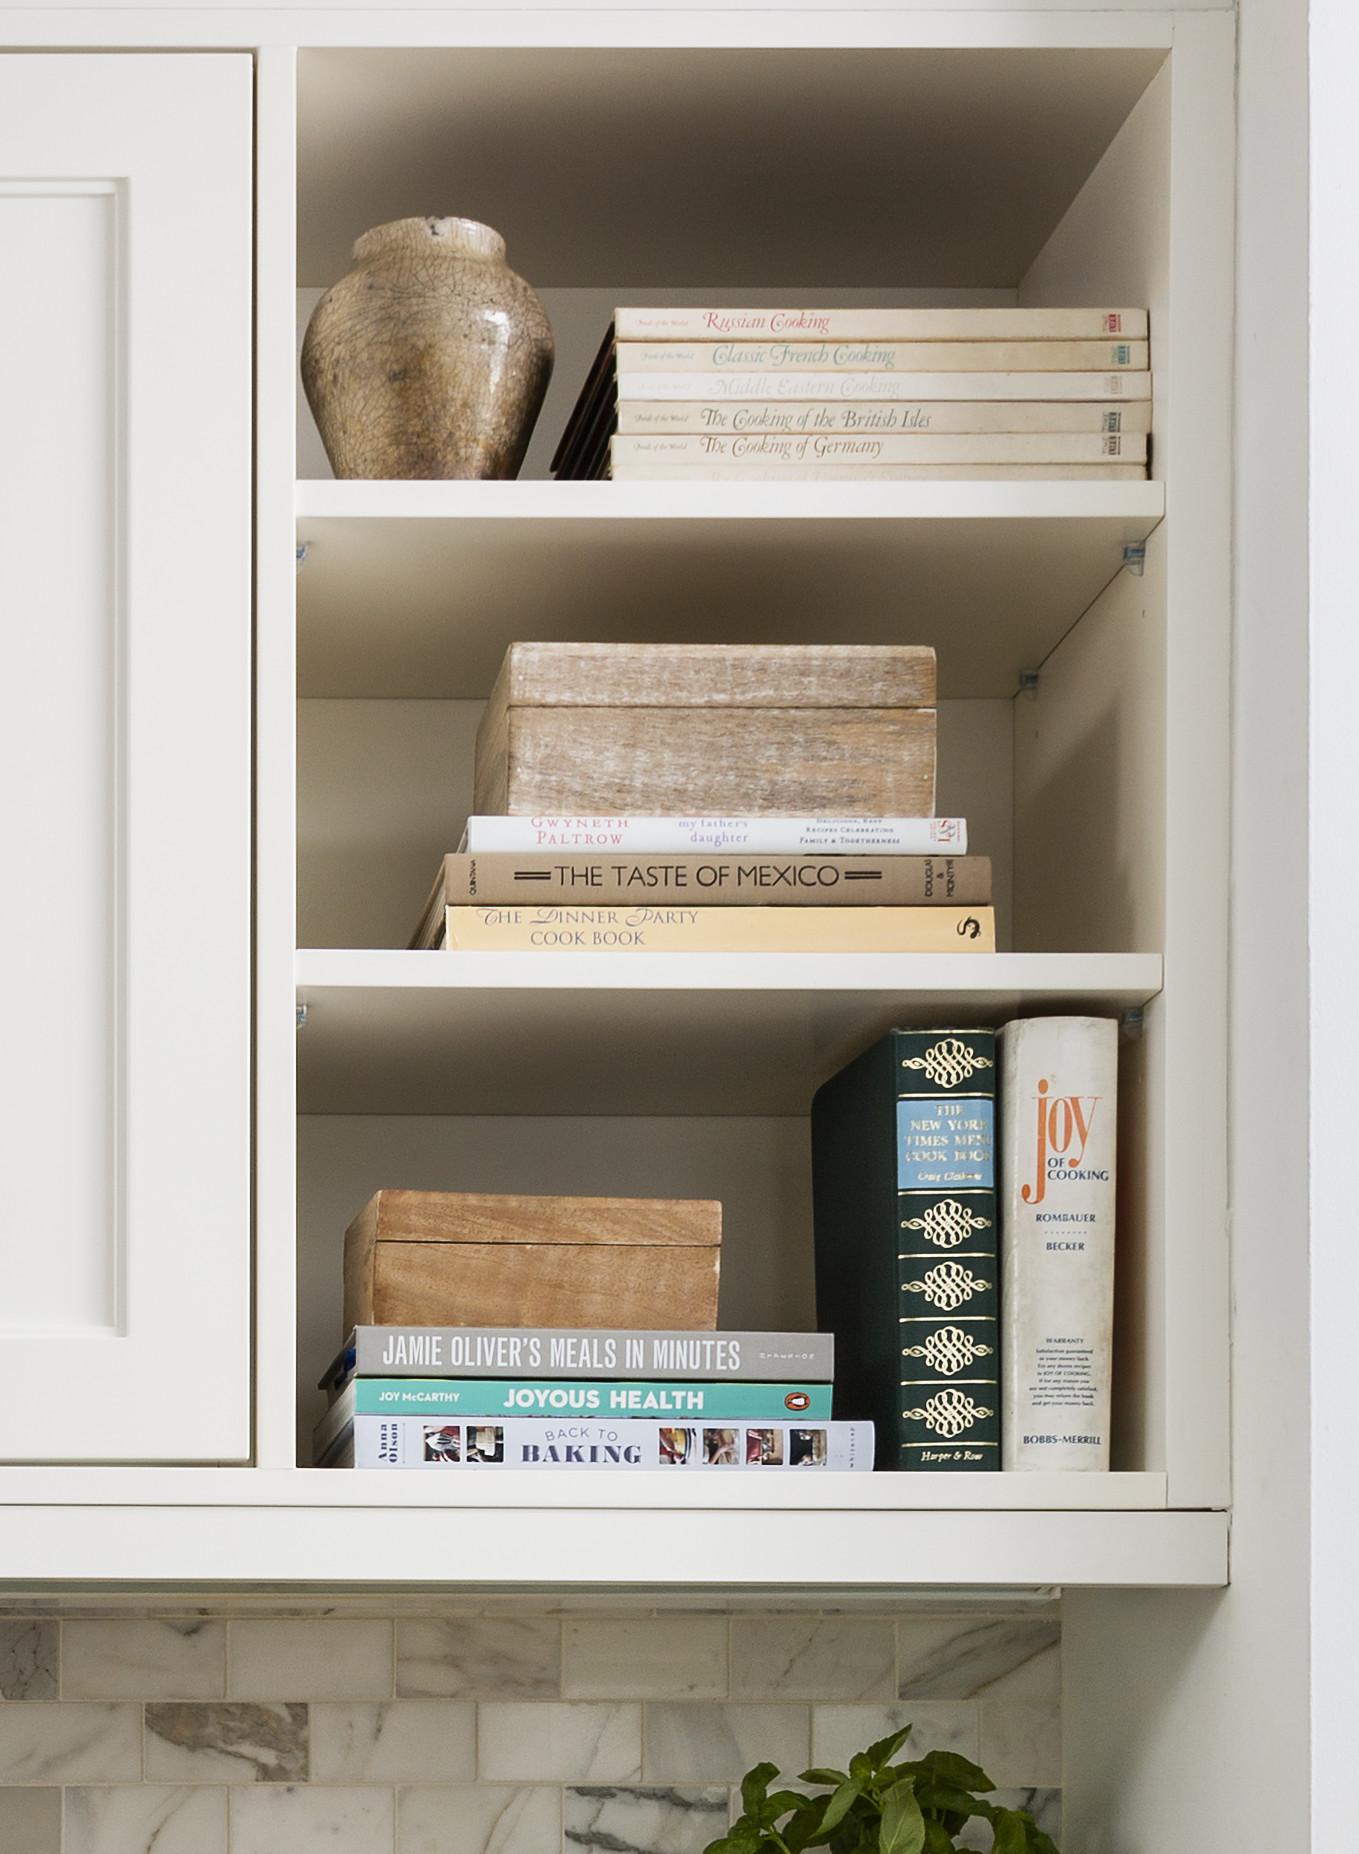 14111_CoffeeNook-book shelf - Copy